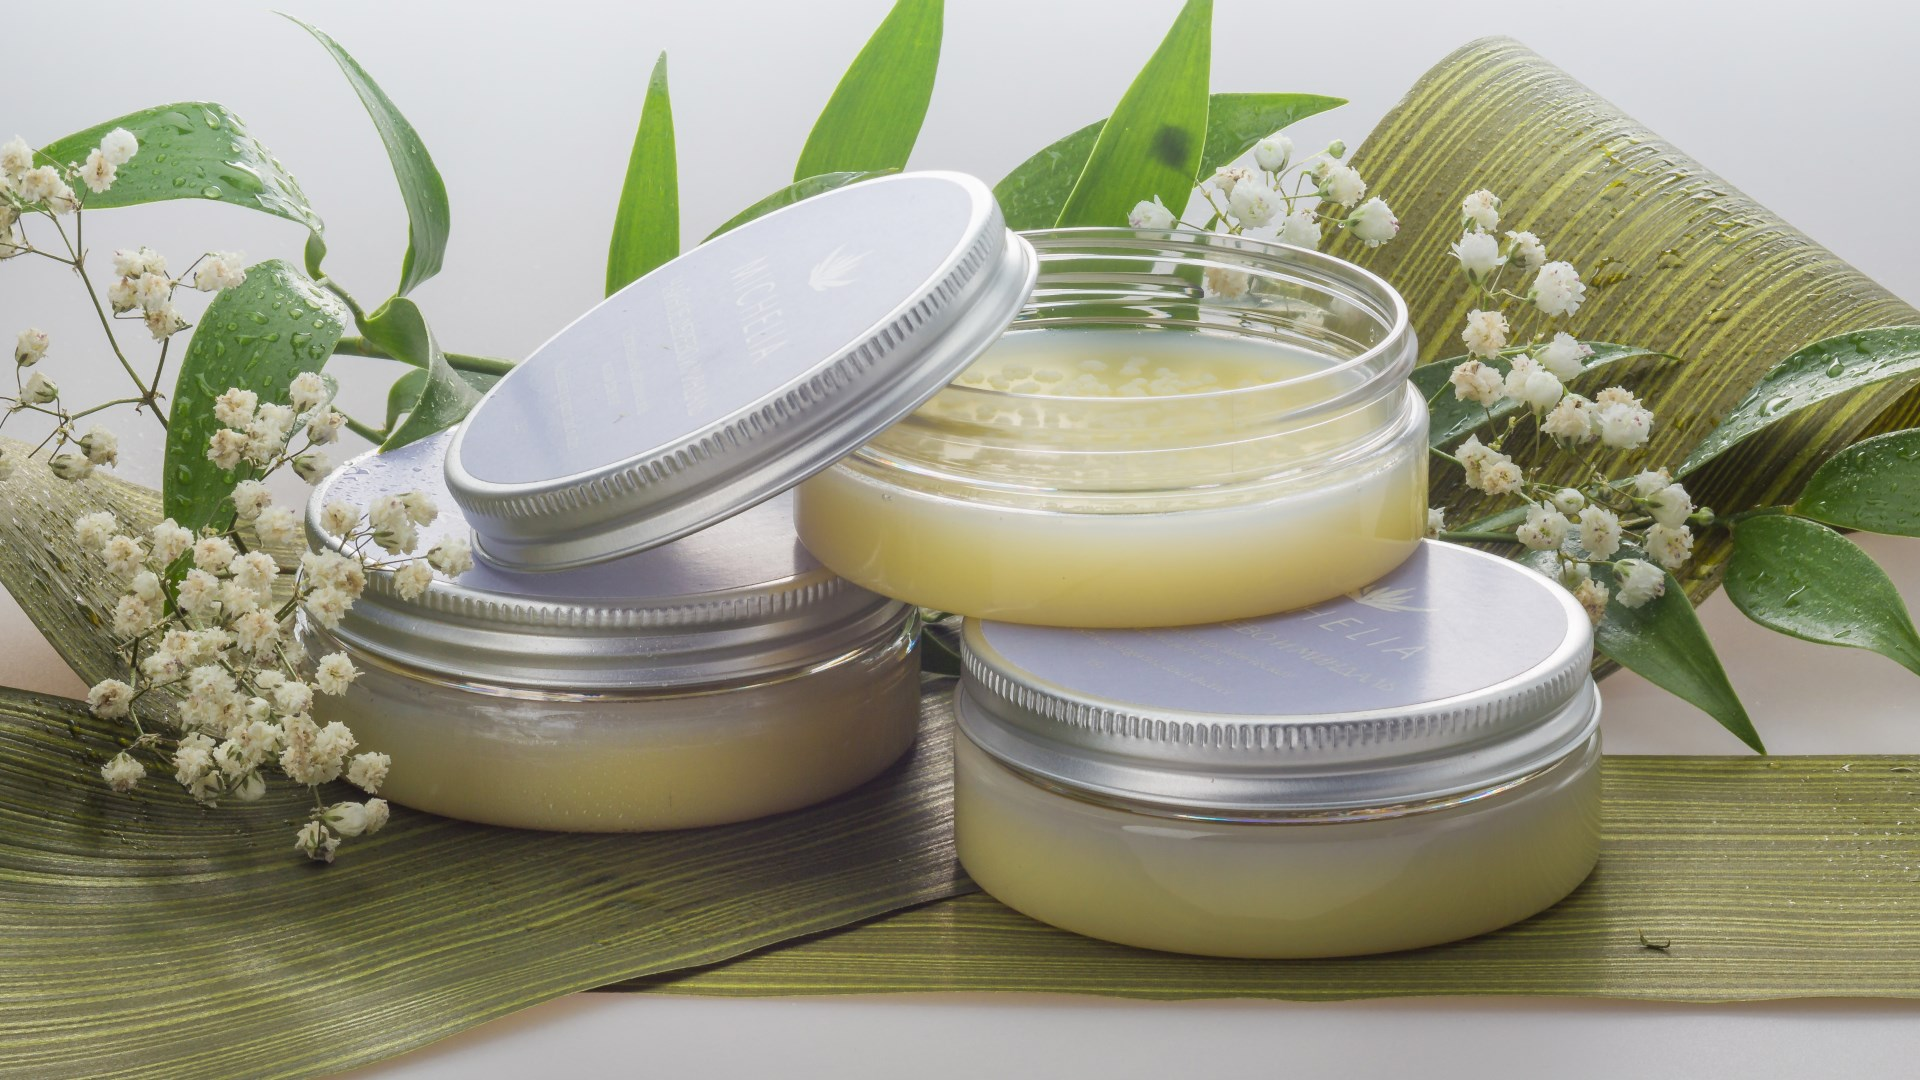 natuurlijke huidverzorging merken